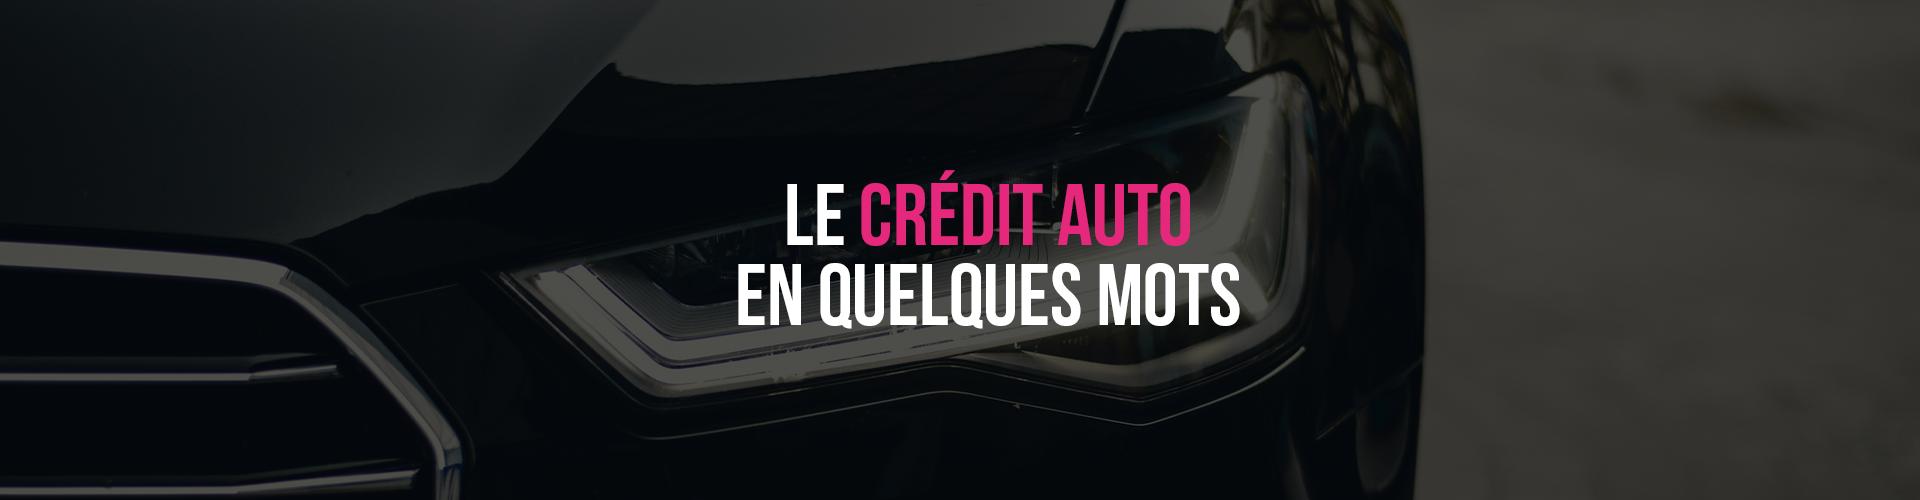 Bannière crédit auto